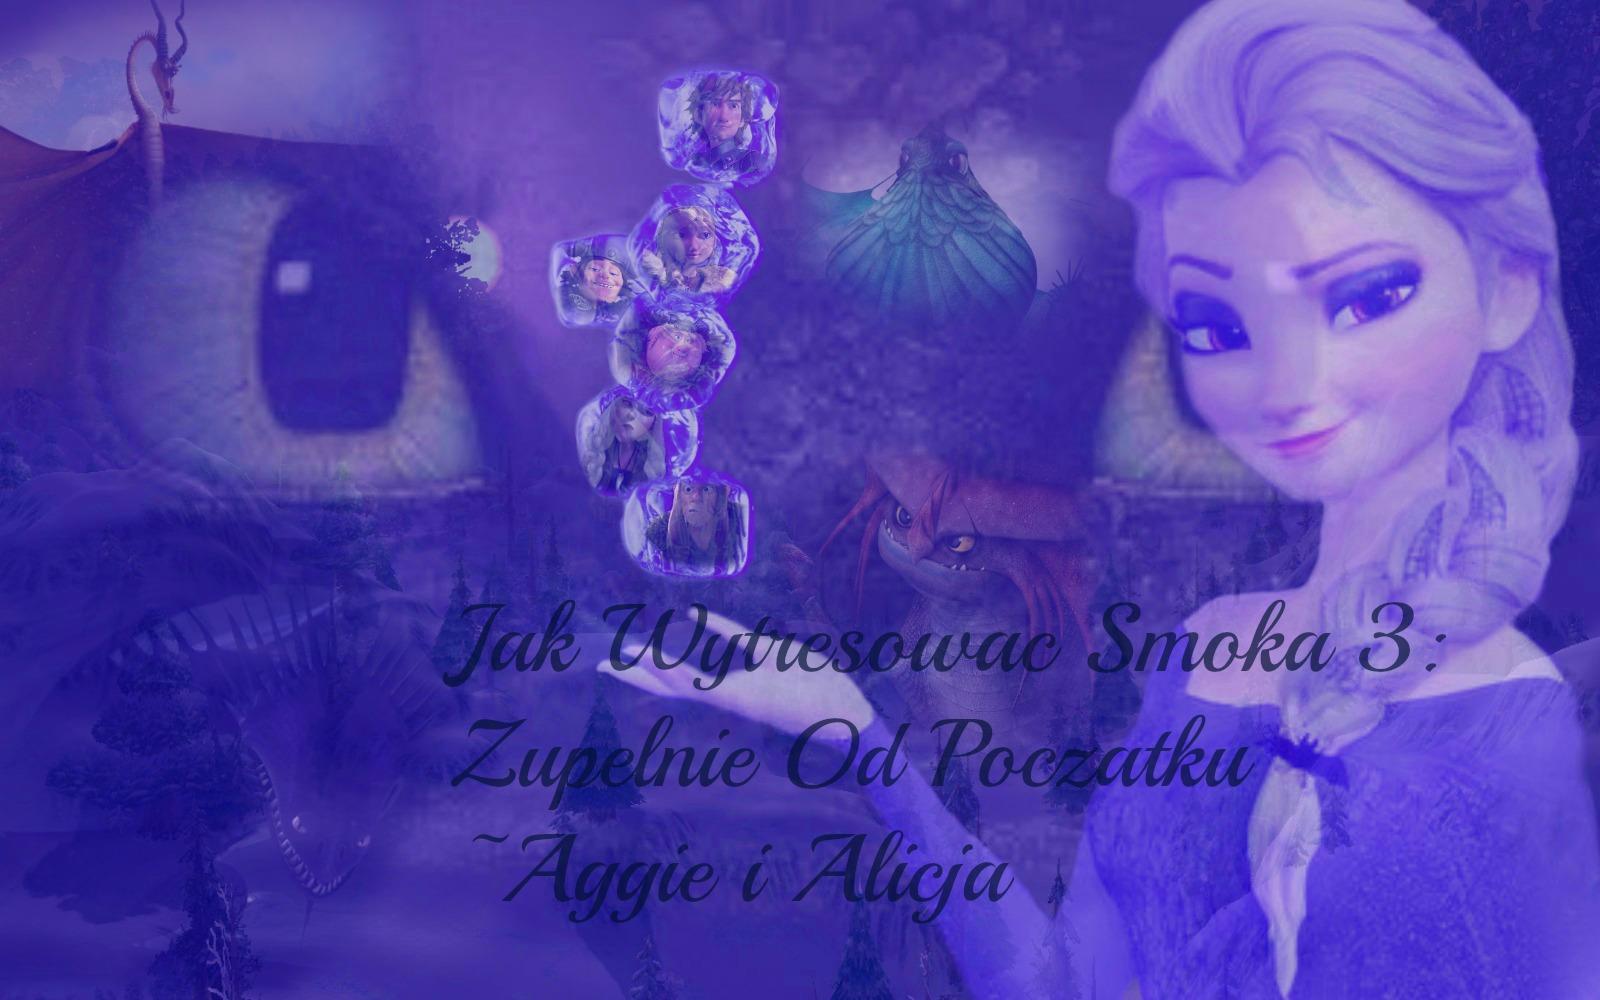 Aggie i Alicja/Zupełnie od Początku ⏳